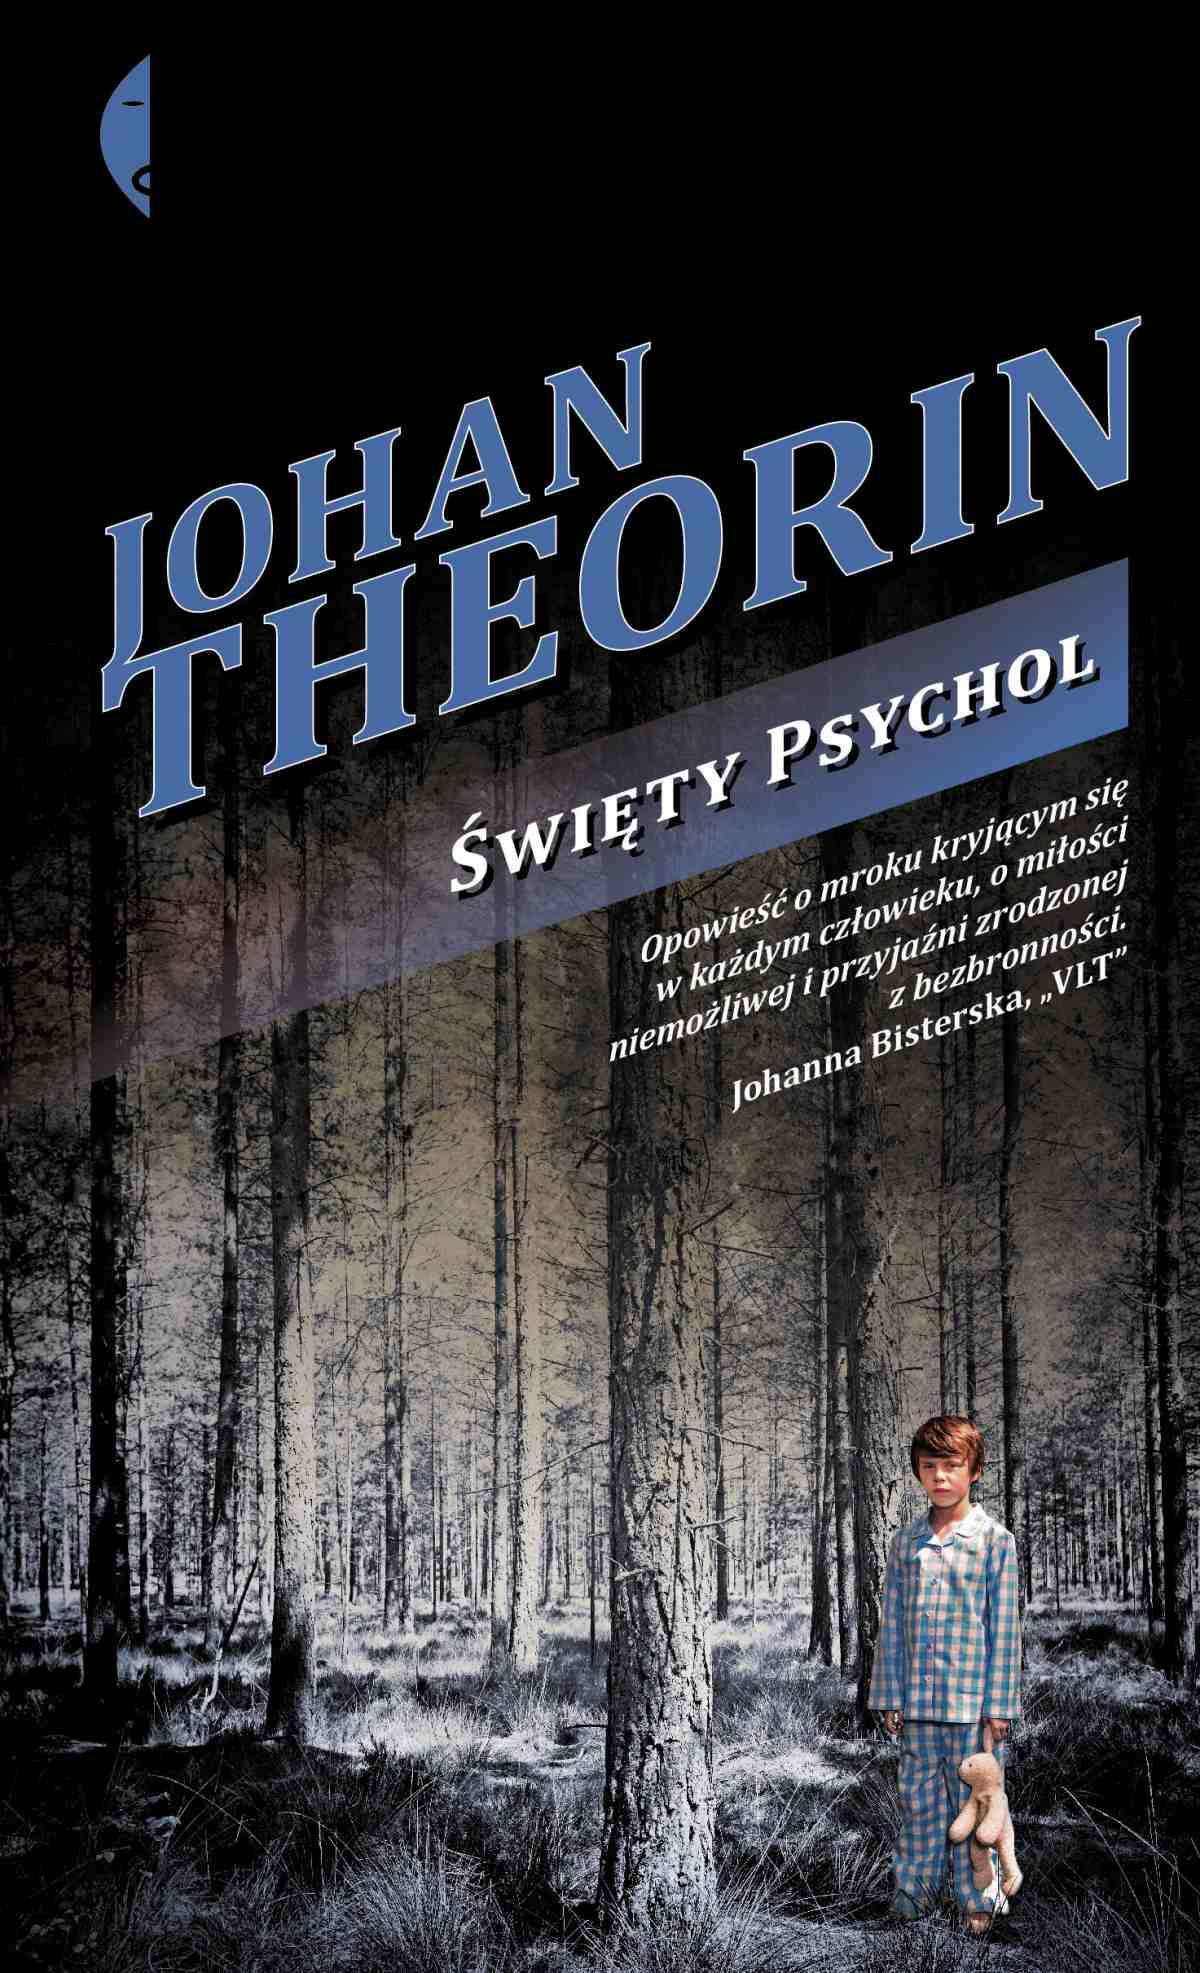 Święty Psychol - Ebook (Książka EPUB) do pobrania w formacie EPUB